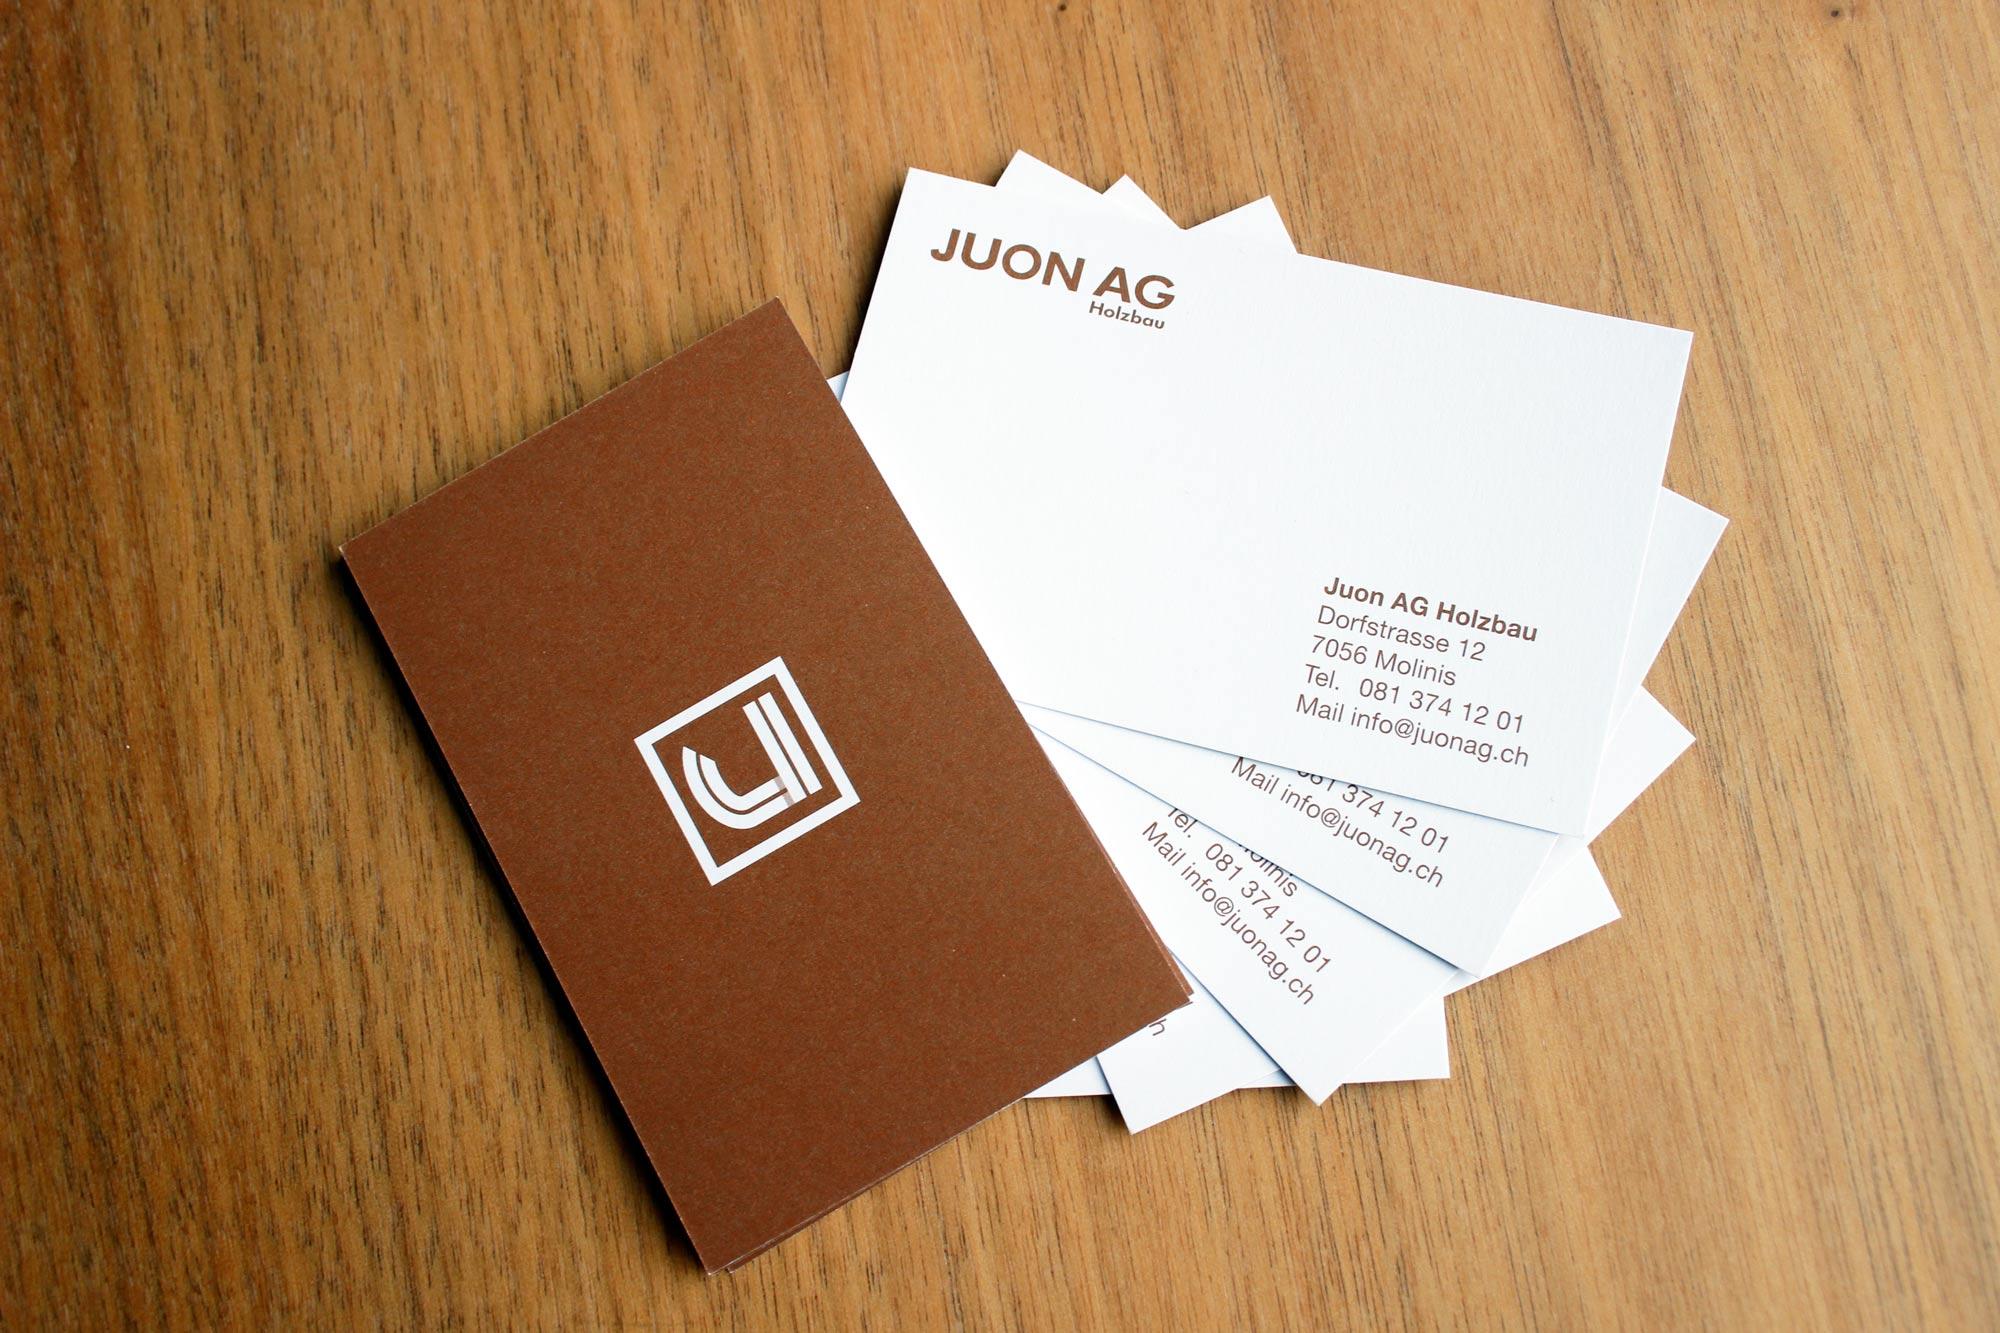 Visitenkarte Juon AG